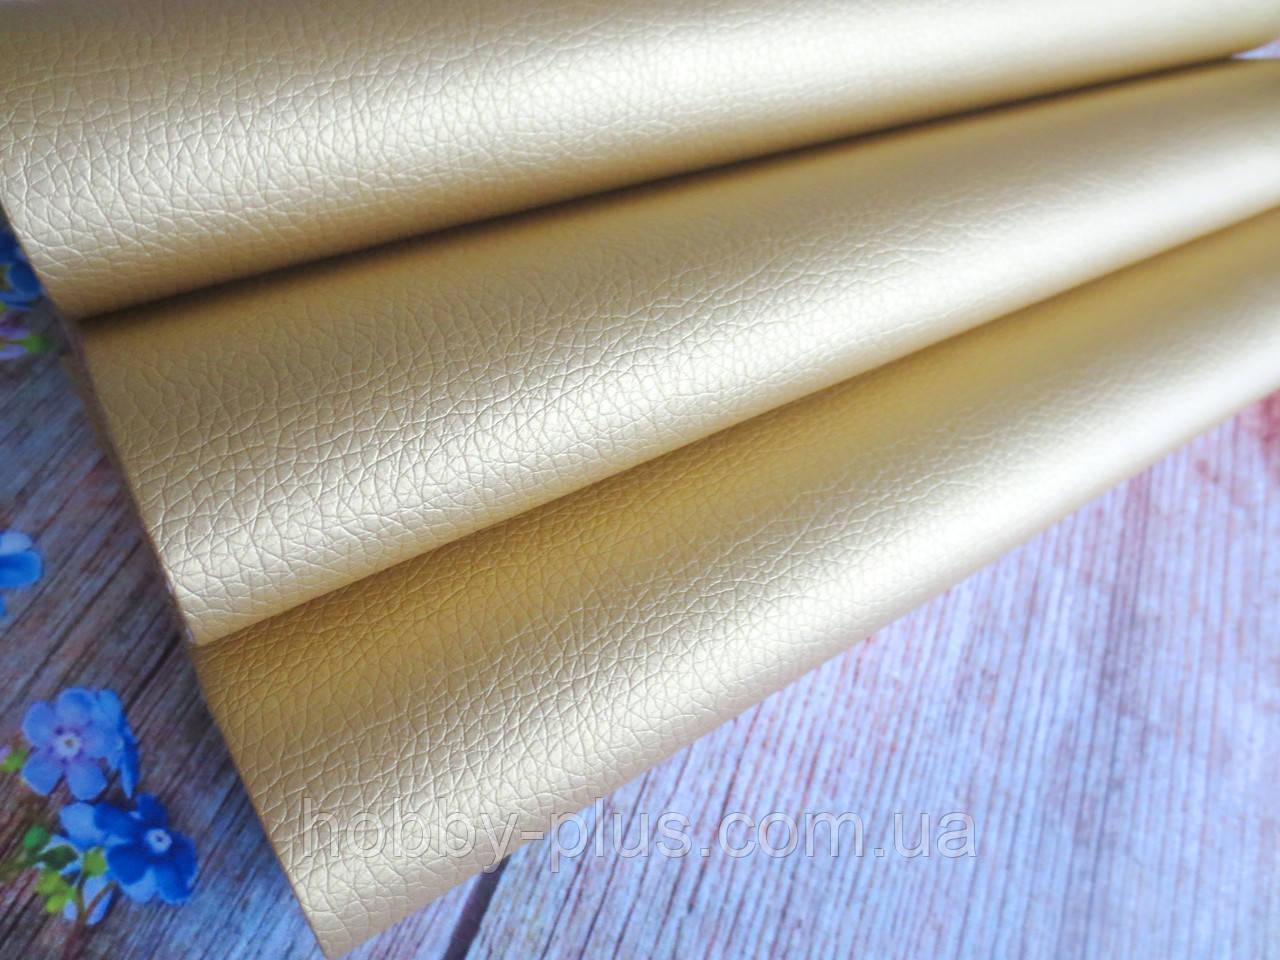 Кожзам (экокожа) матовый фактурный на тканевой основе, ЗОЛОТО, 20х28 см